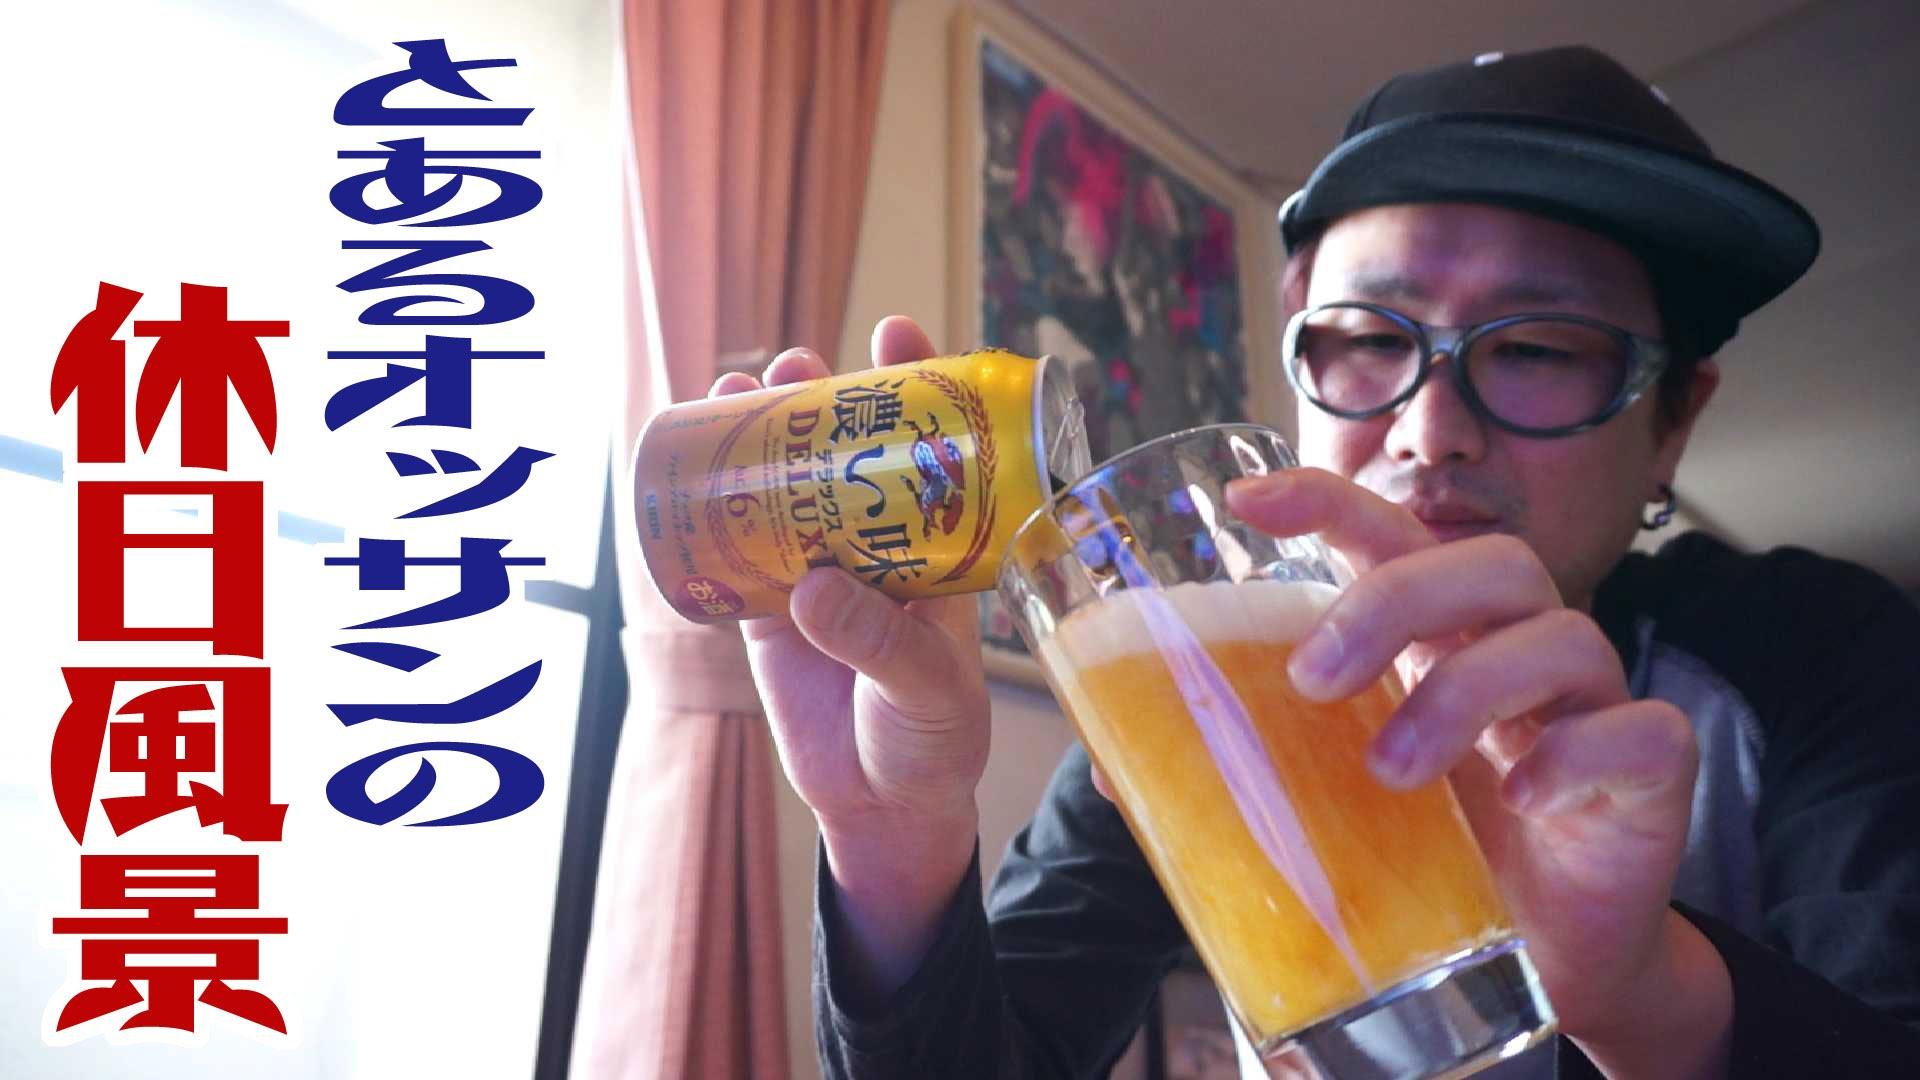 とあるオッサンの休日風景。 【飯動画】 【Japanese】